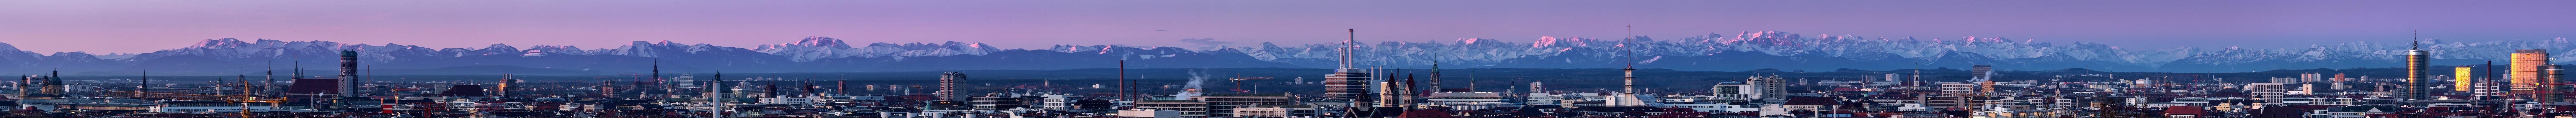 München kurz vor Sonnenaufgang